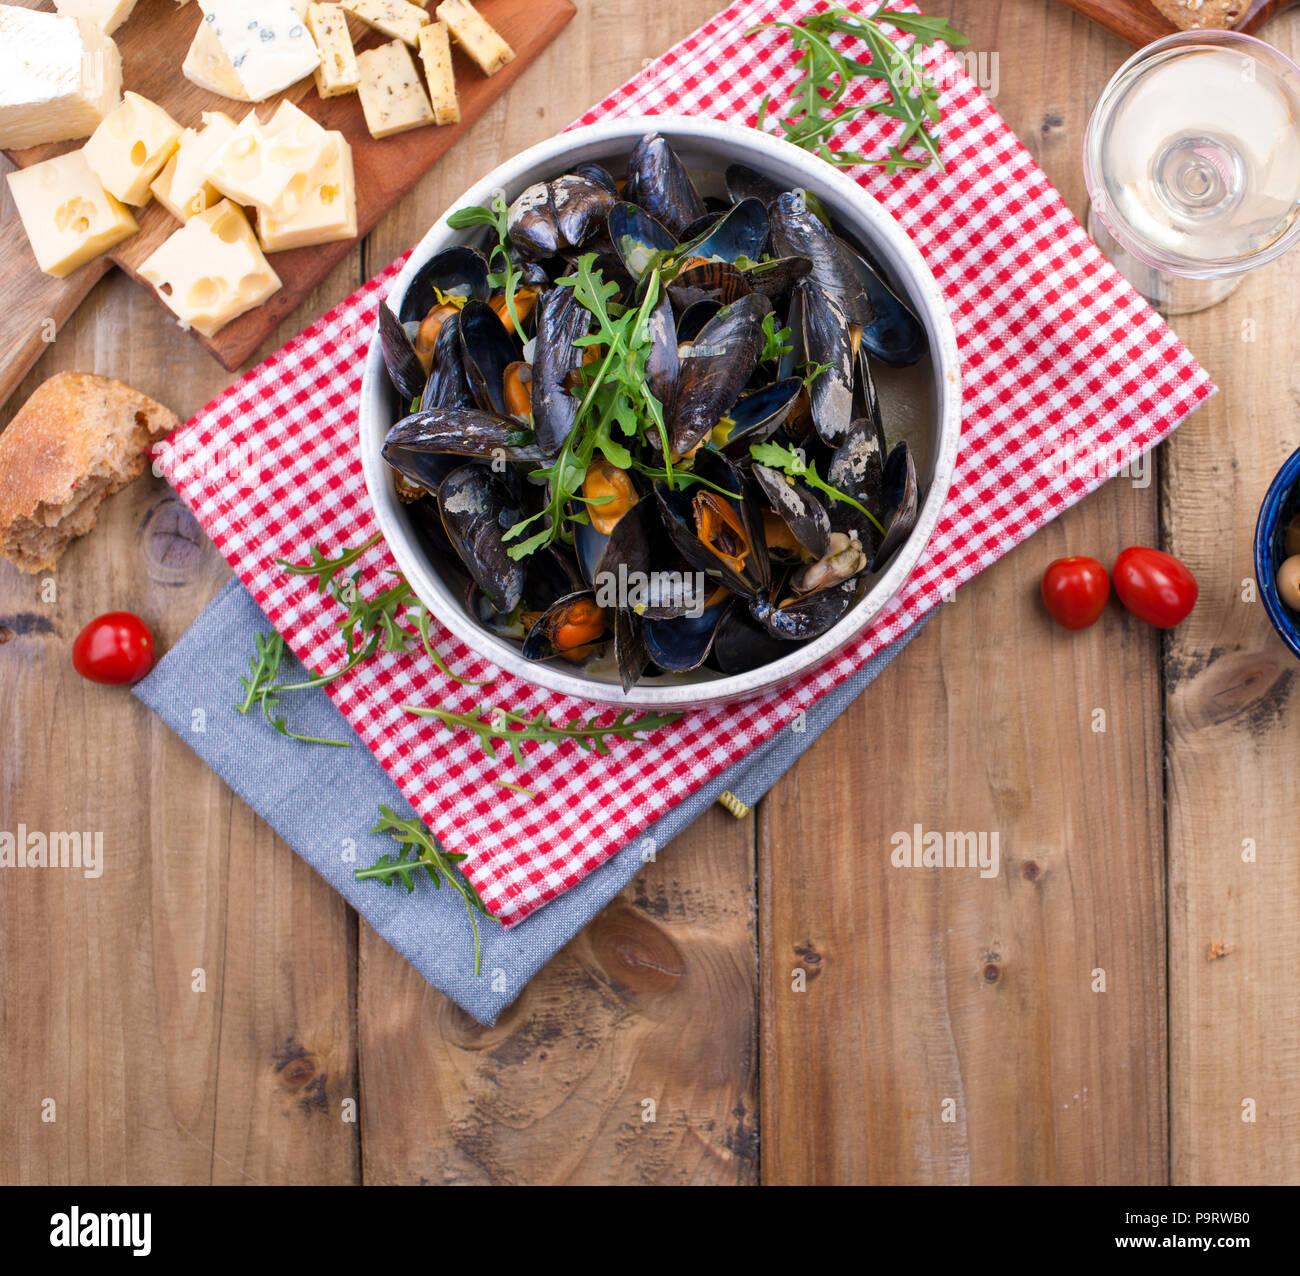 Müsli in einem weißen Keramik Schüssel, auf einem roten Serviette. Käse auf einem Holzbrett und Oliven, Brot. Auf einer hölzernen Hintergrund. Freier Platz für Text oder Werbung. Stockbild